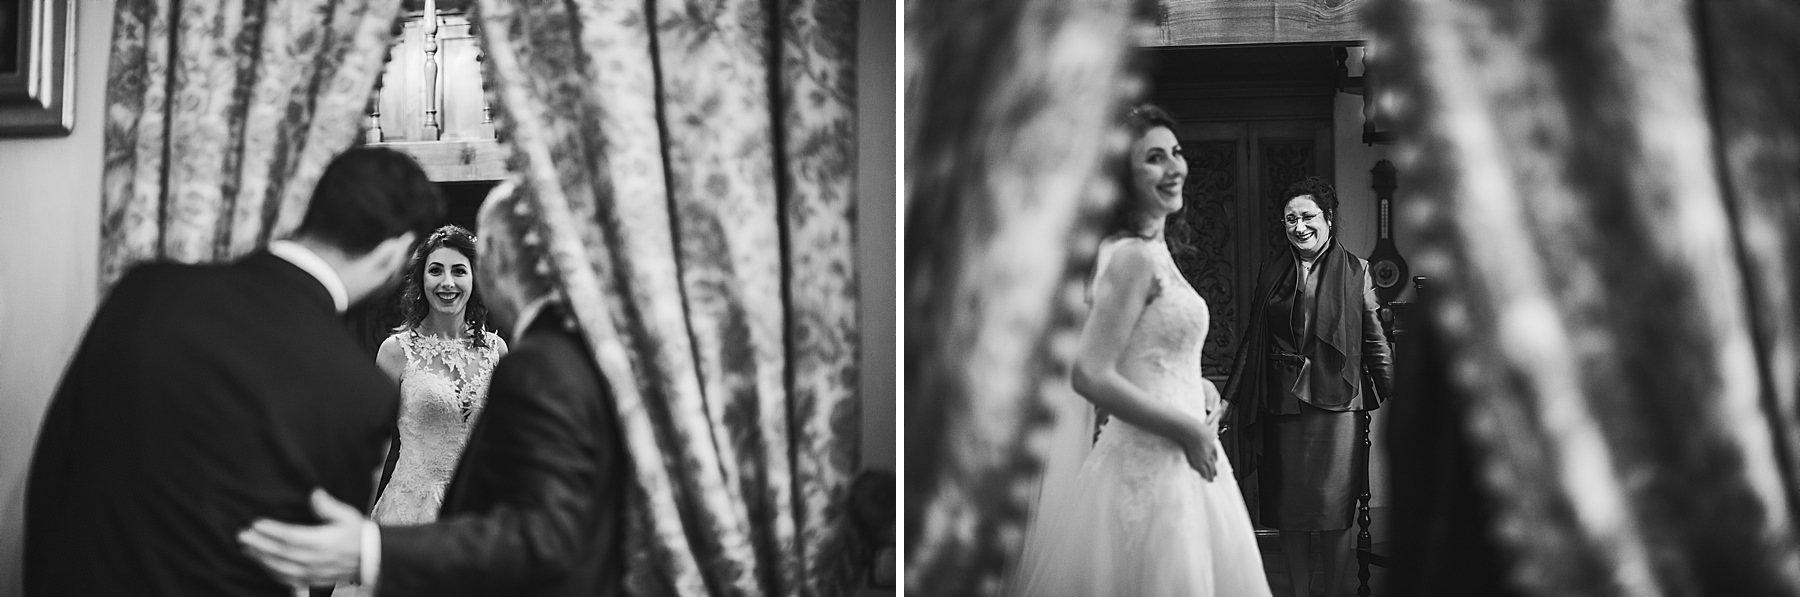 fotografia di matrimonio a firenze in inverno 723